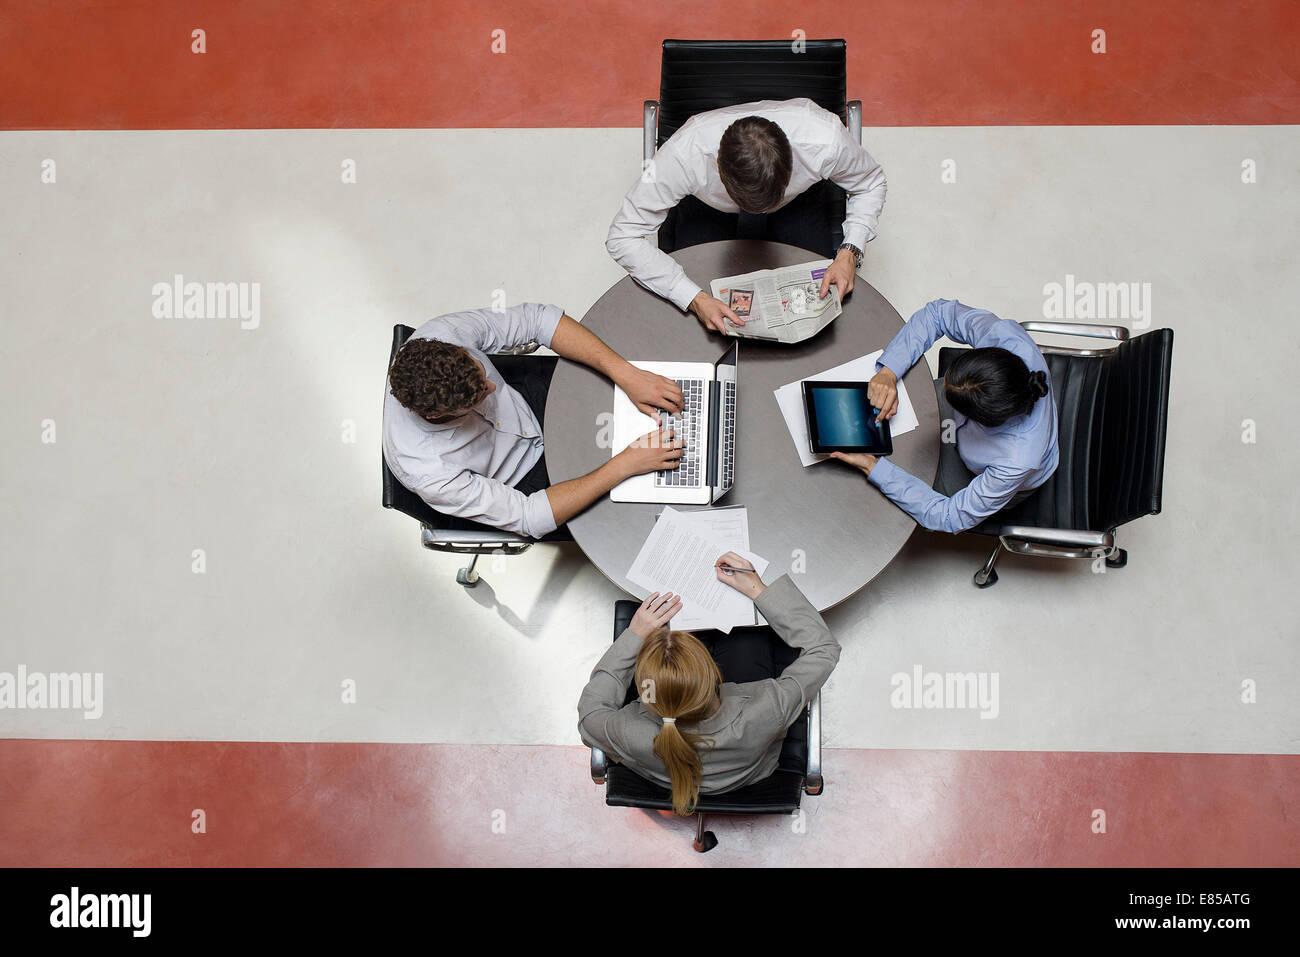 Los trabajadores de oficina teniendo trabajo en breakroom Imagen De Stock